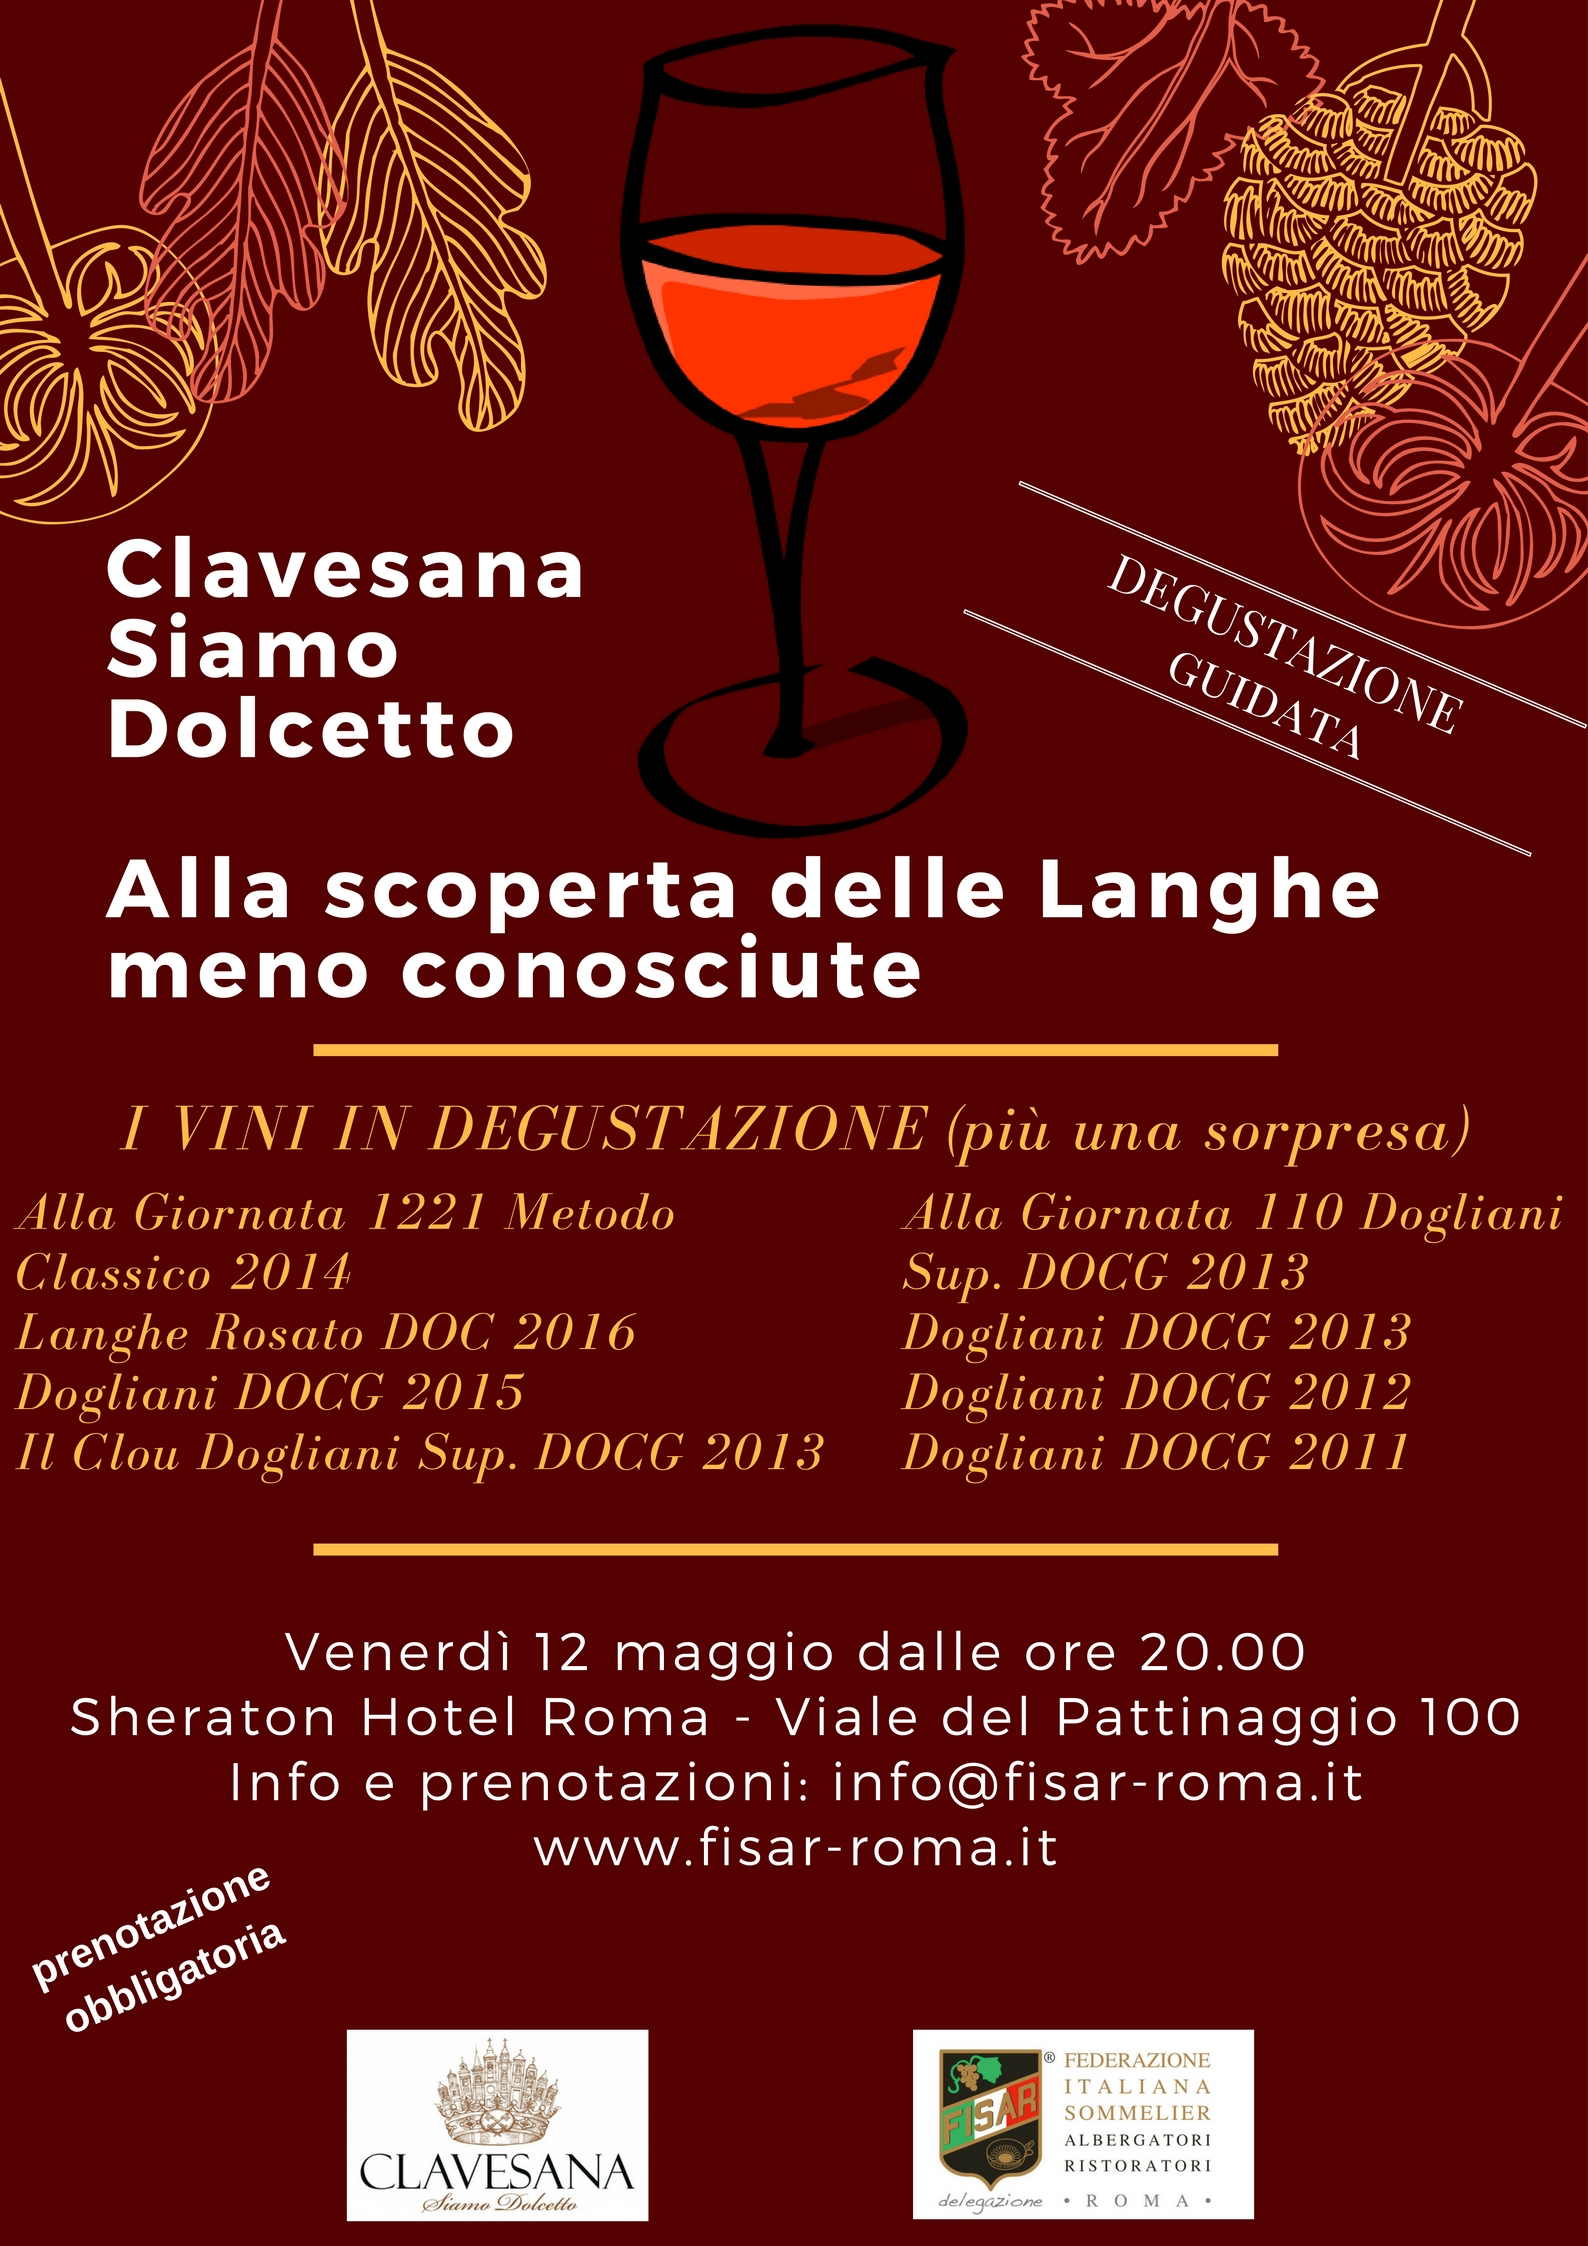 Clavesana Siamo Dolcetto, Langhe protagoniste con Fisar Roma (degustazione)